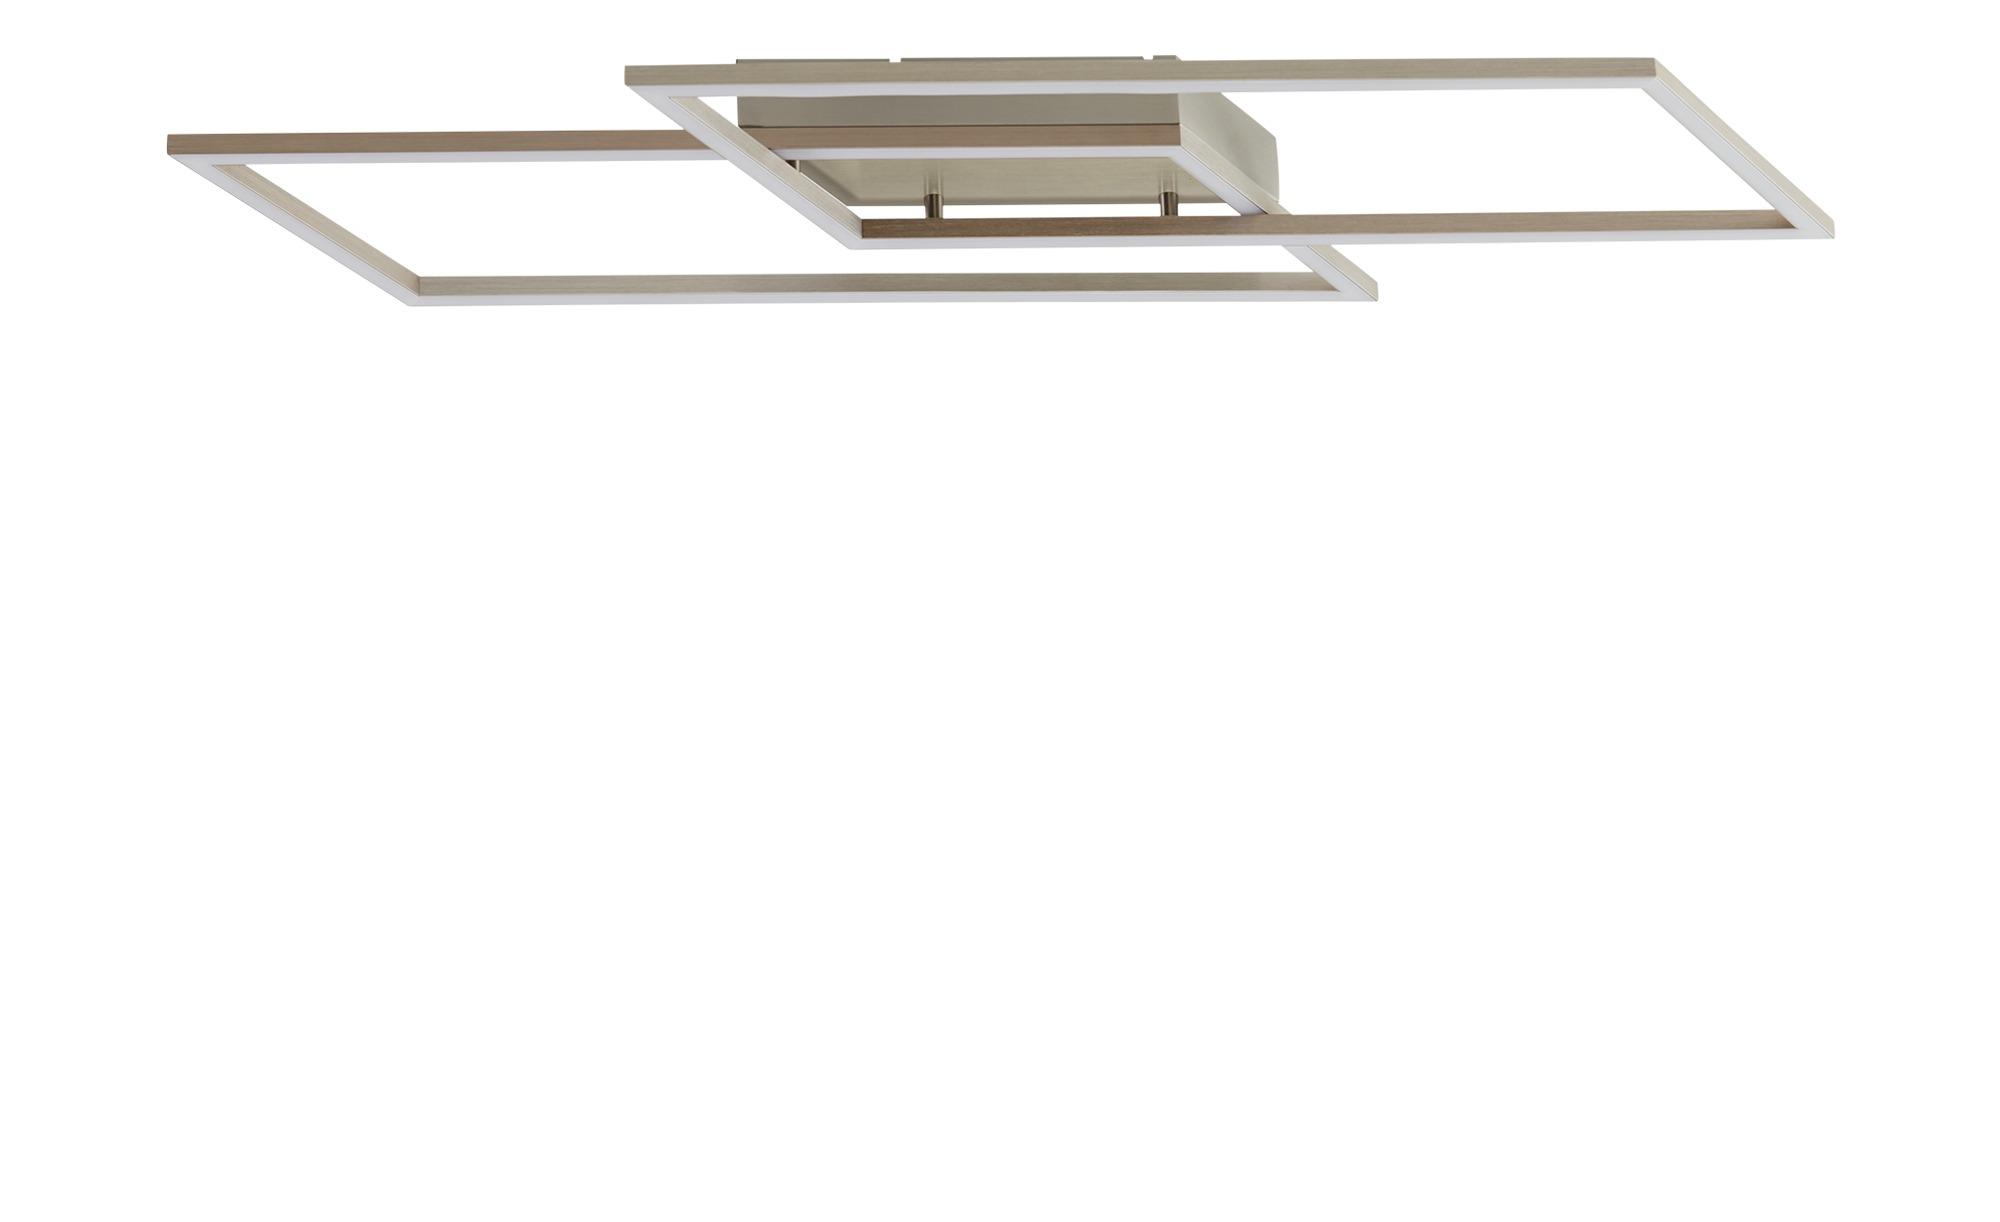 Paul Neuhaus LED-Deckenleuchte, 2-flammig, Nickel-matt ¦ silber ¦ Maße (cm): B: 24,2 H: 7 Lampen & Leuchten > Innenleuchten > Deckenleuchten - Höffner